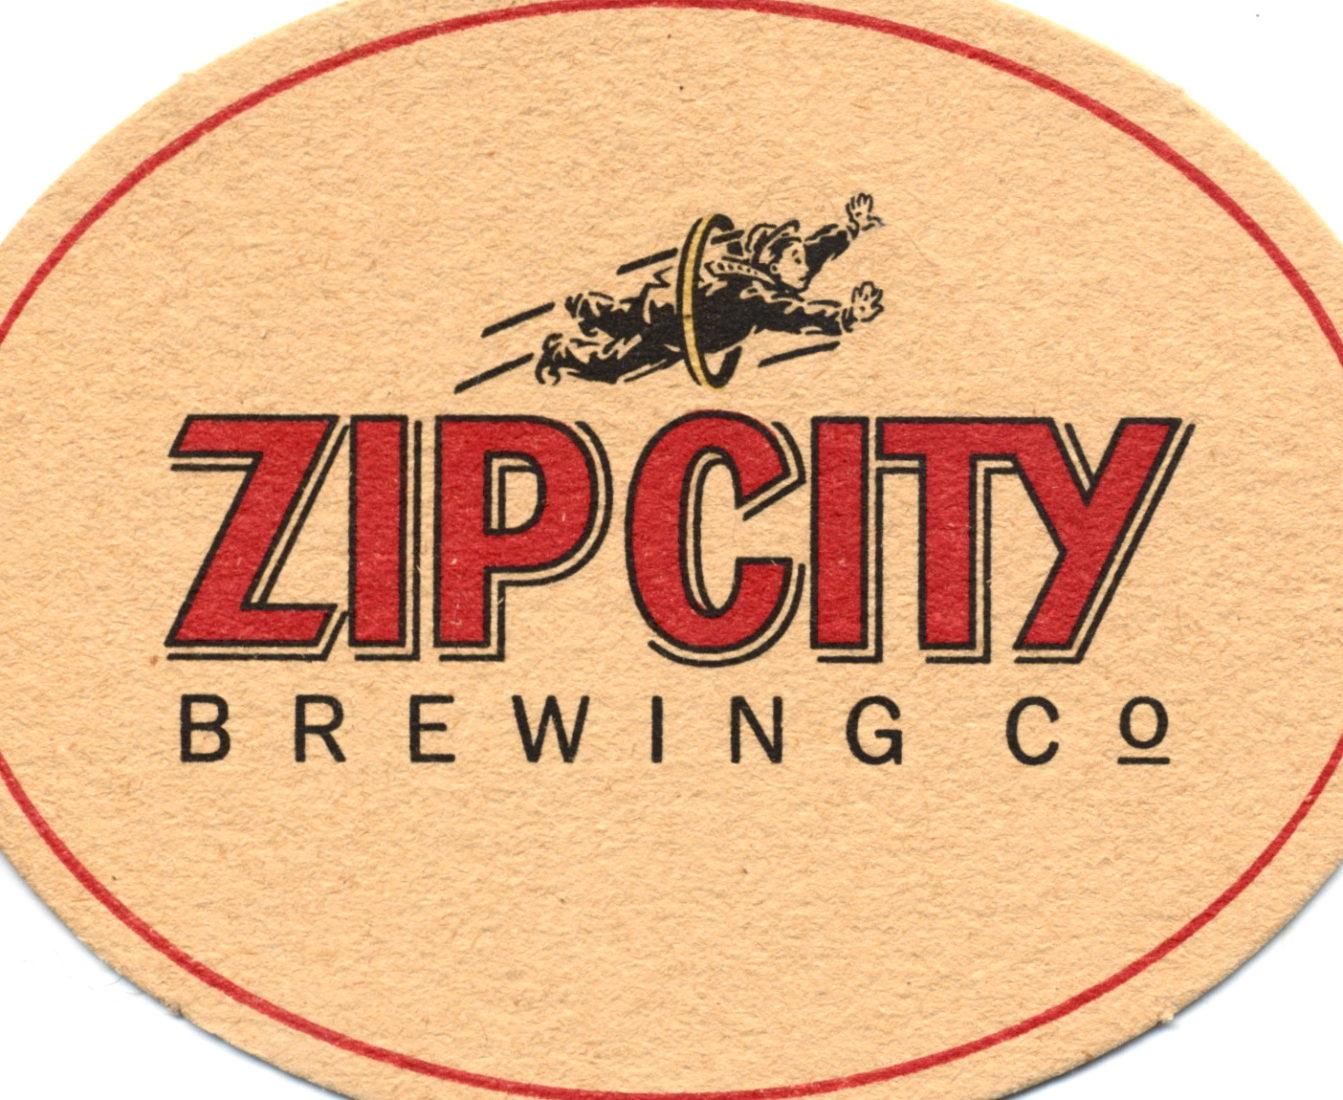 17. Zip City Brewing Company, New York NY 1996